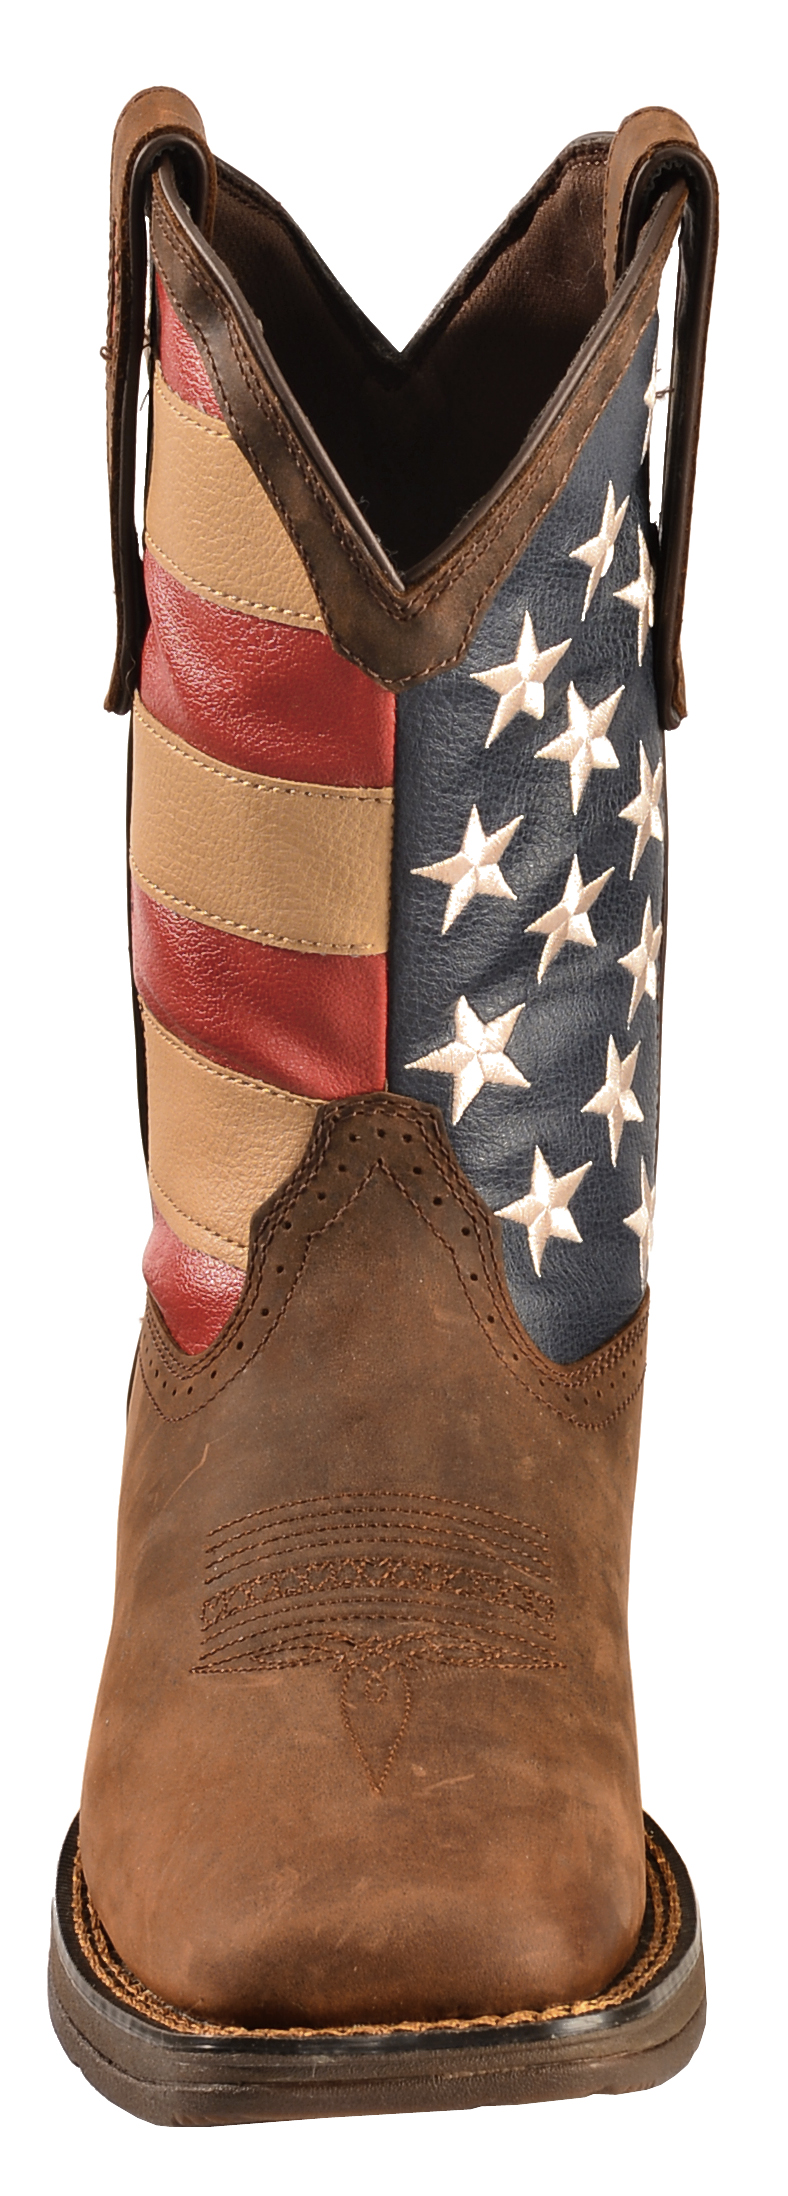 Durango Rebel Men S American Flag Cowboy Boots Square